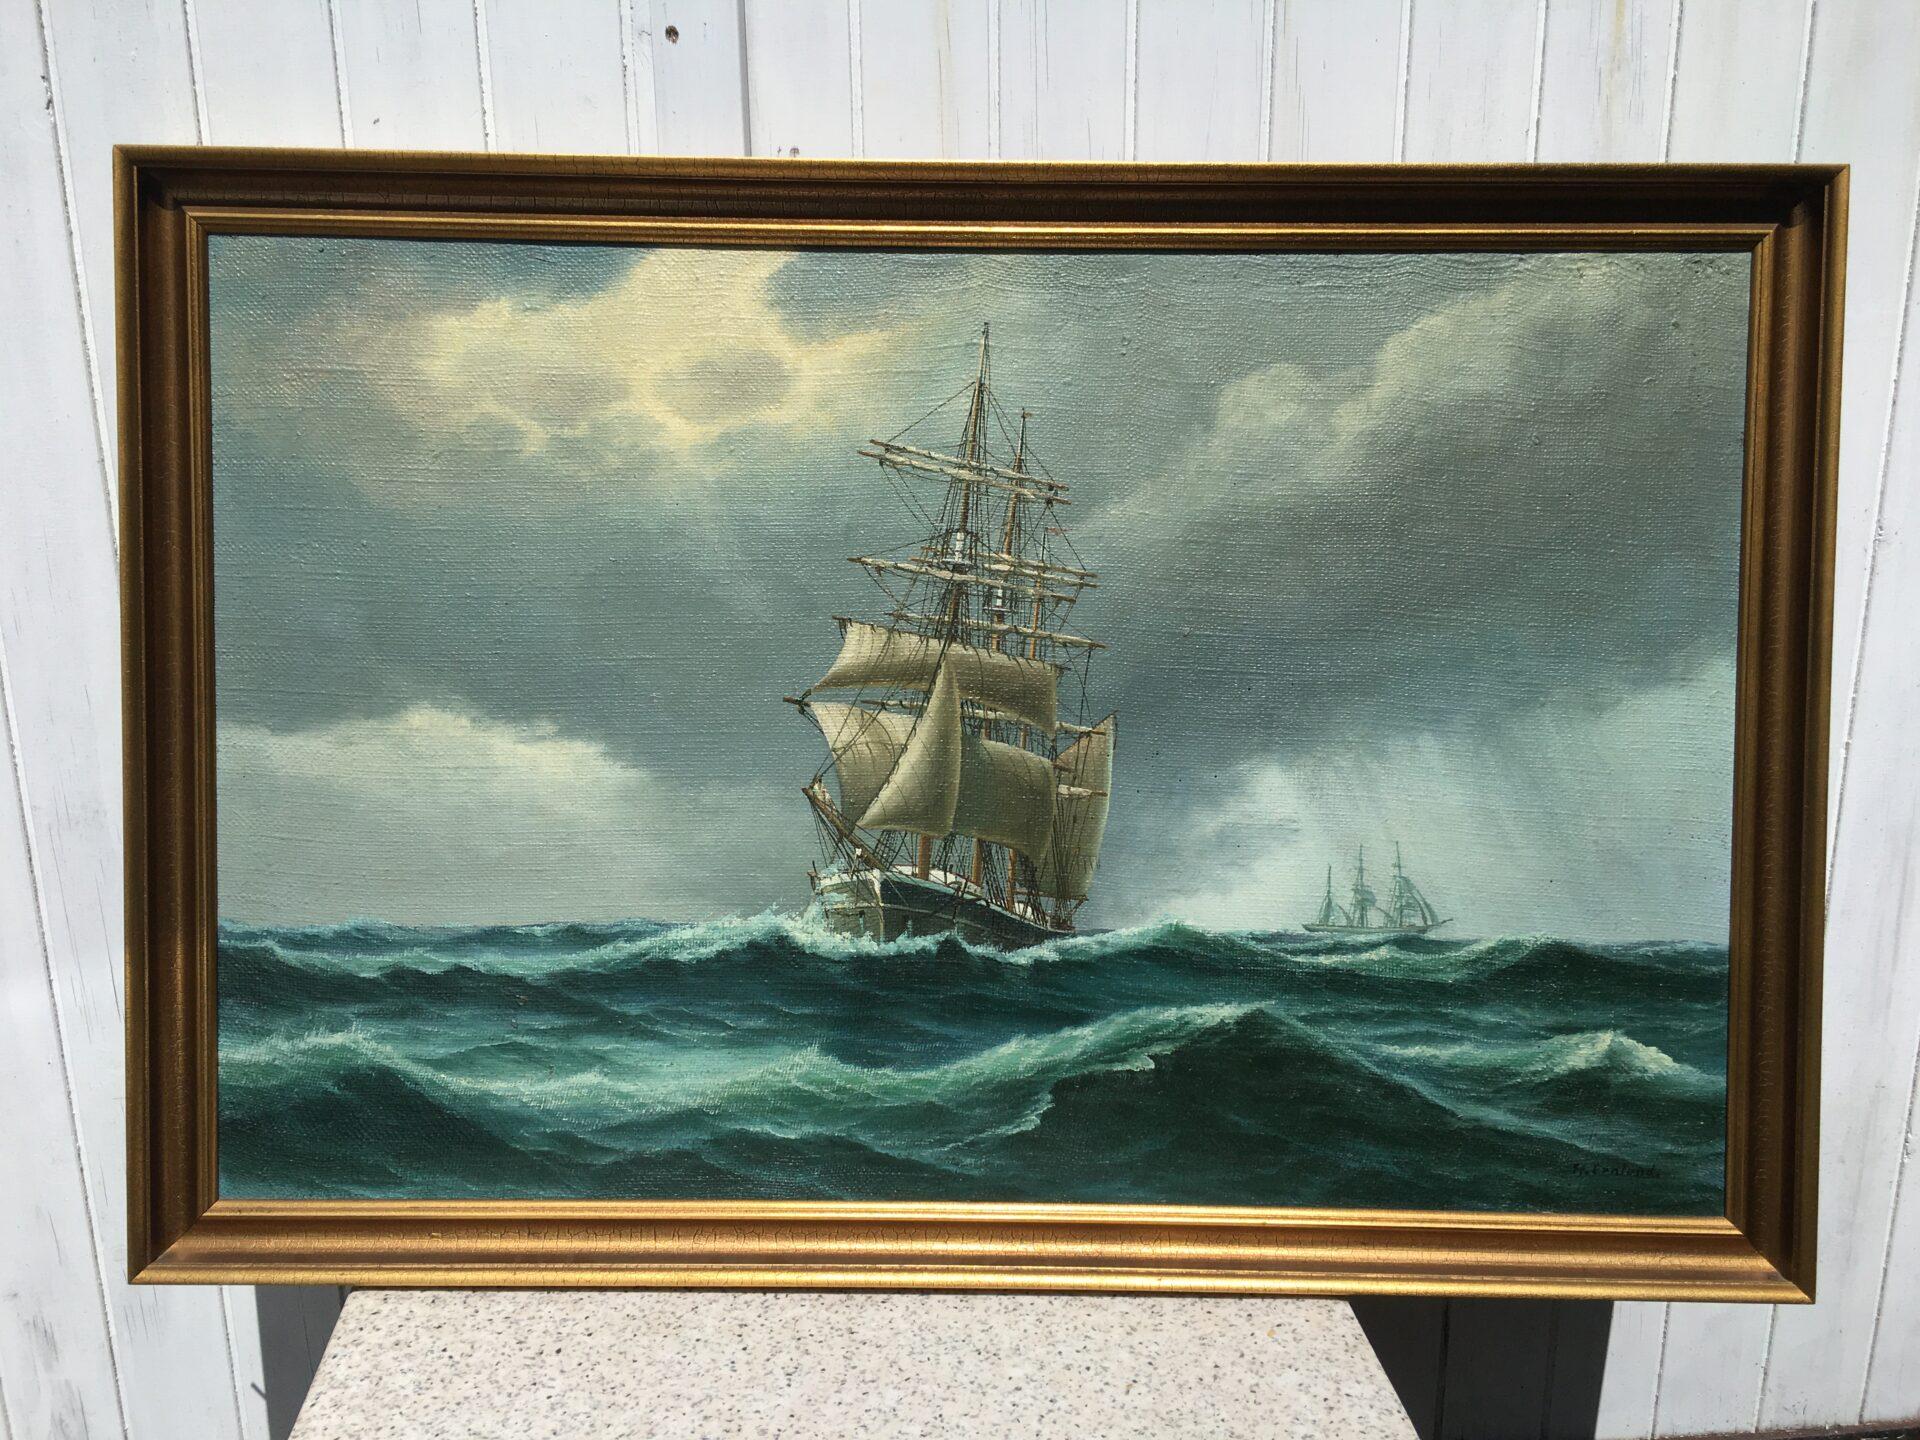 Marinemaleri, Frederik Ernlund, Middelfart, velholdt, rammemål 80x120 cm, pris 600kr